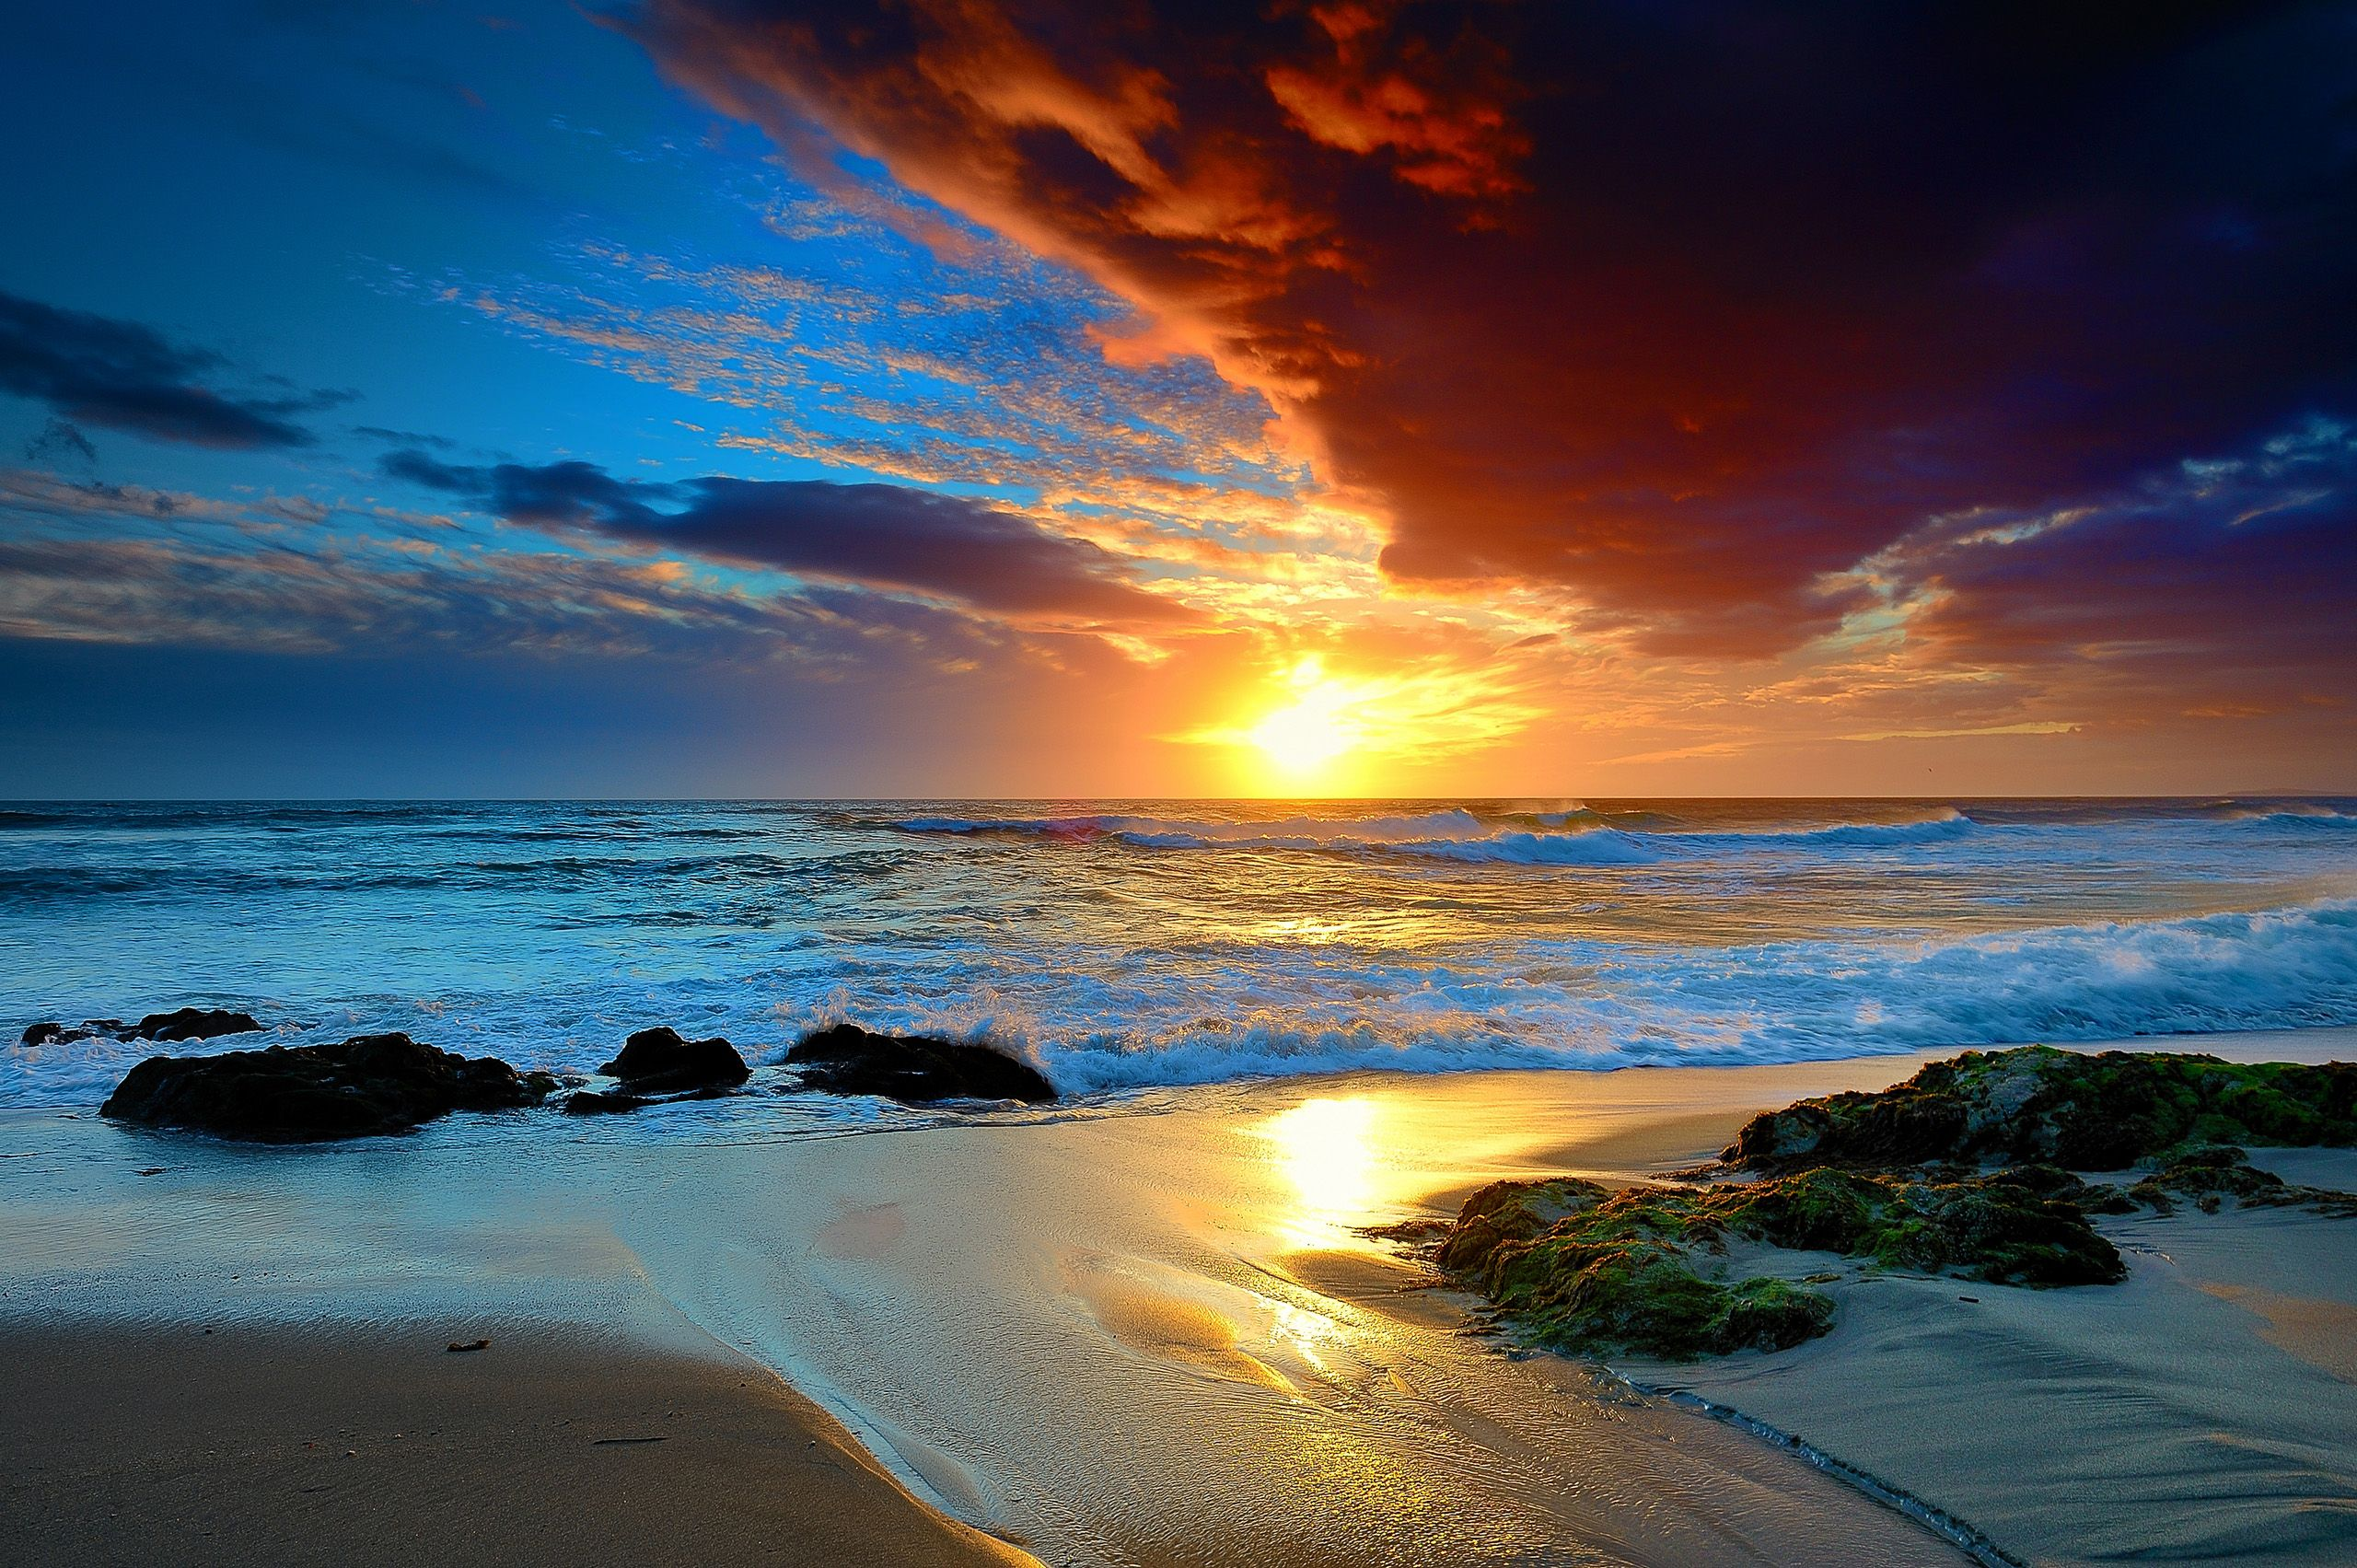 Beautiful Sky Beach Beautiful Hdr Sunset Beach Sunset Wallpaper Beach Landscape Ocean Landscape